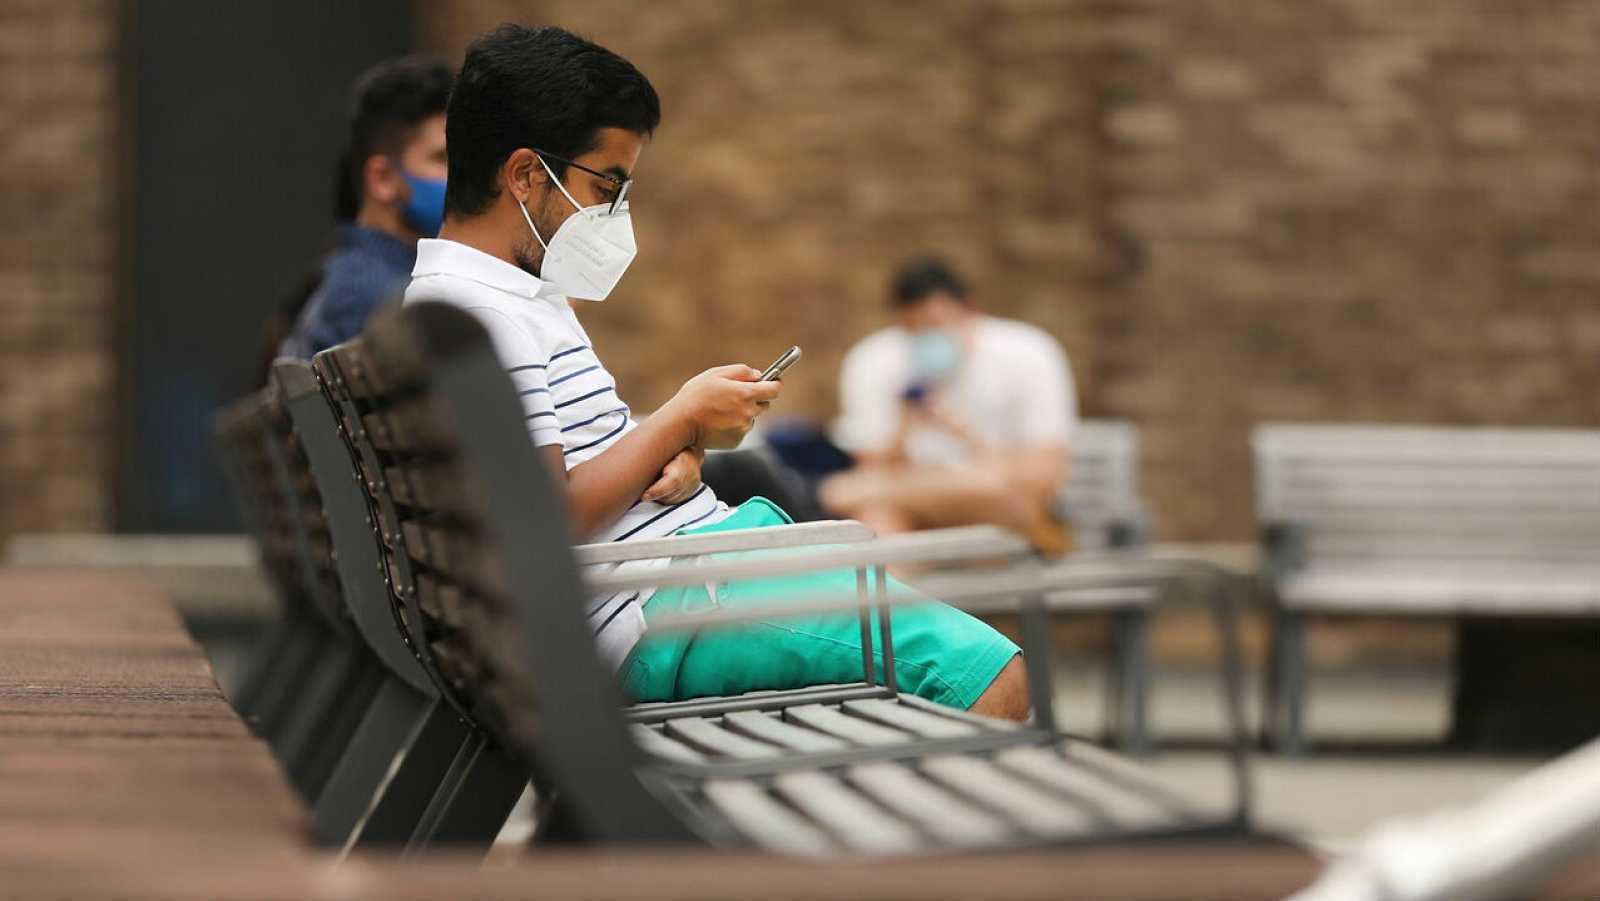 Un estudiante espera fuera de una carpa para hacerse la prueba del COVID-19.